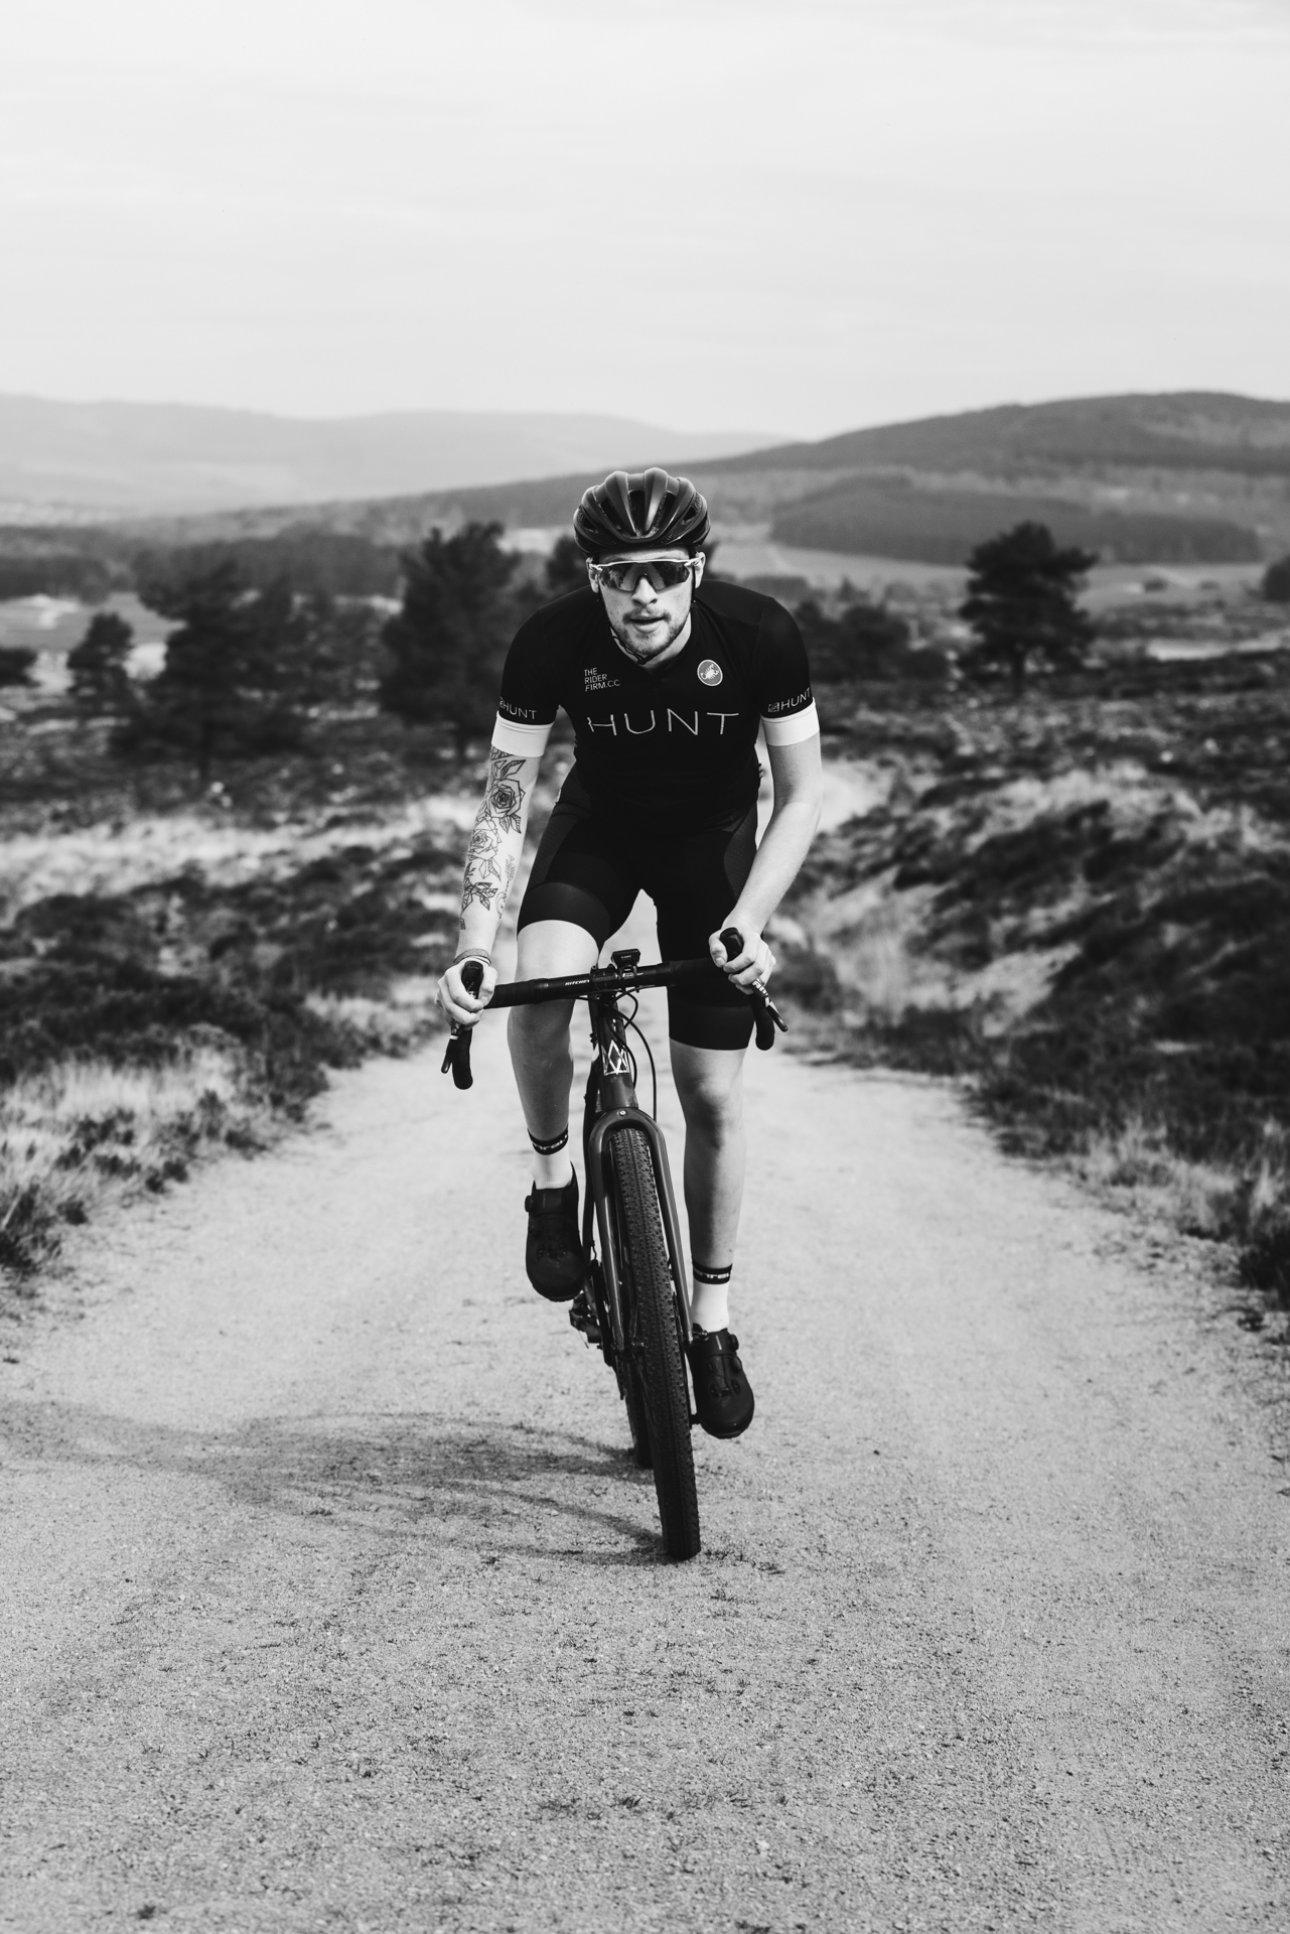 Hunt Bike Wheels 5